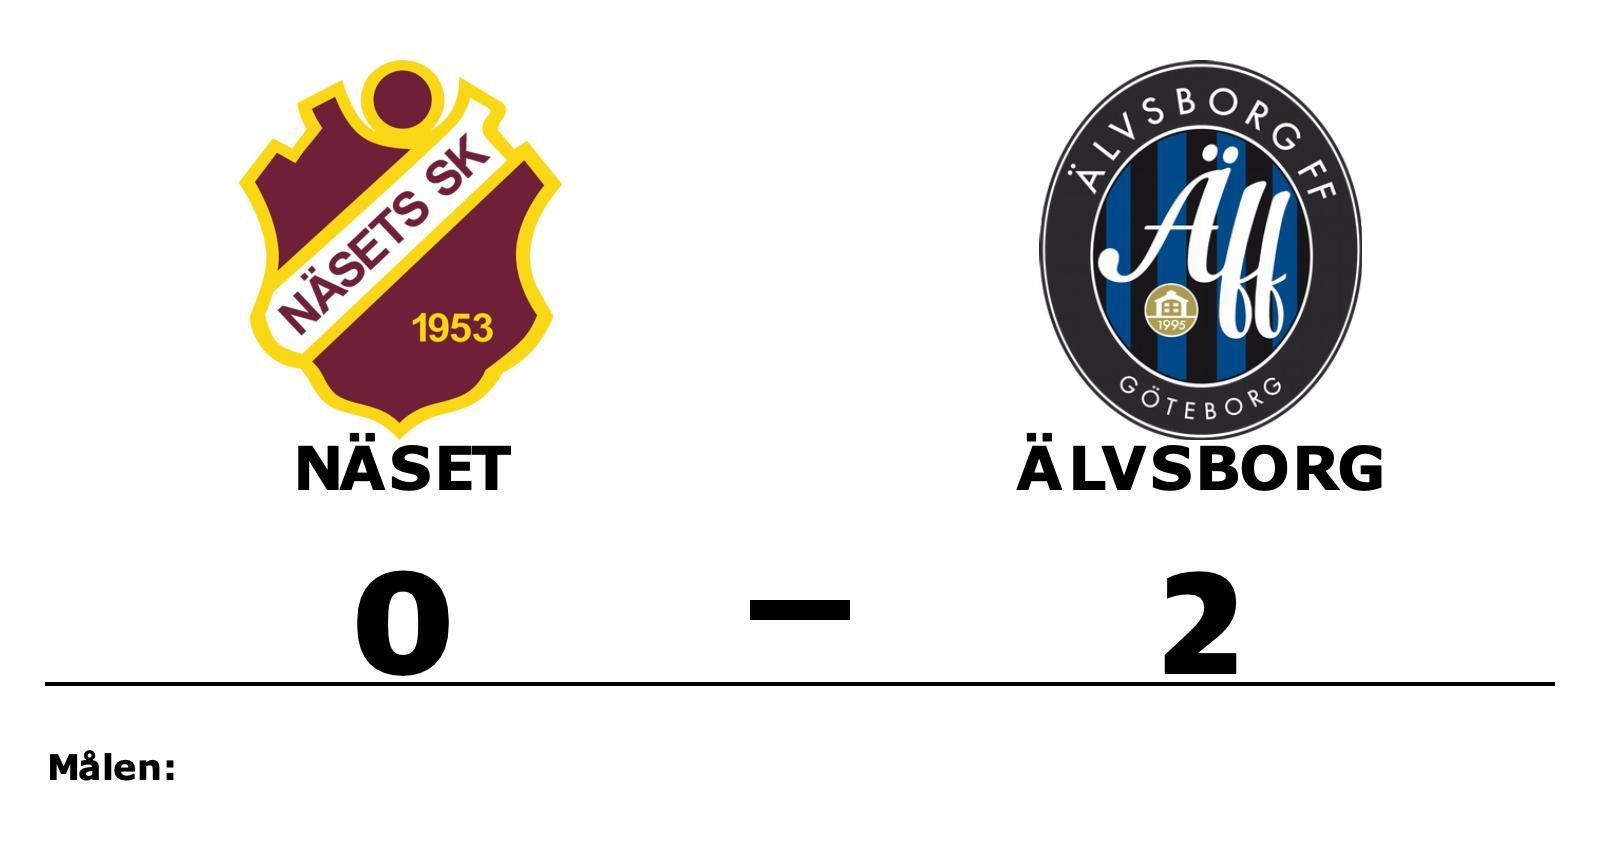 Hugo Börjesson och Adam Lisnell matchvinnare när Älvsborg vann mot Näset